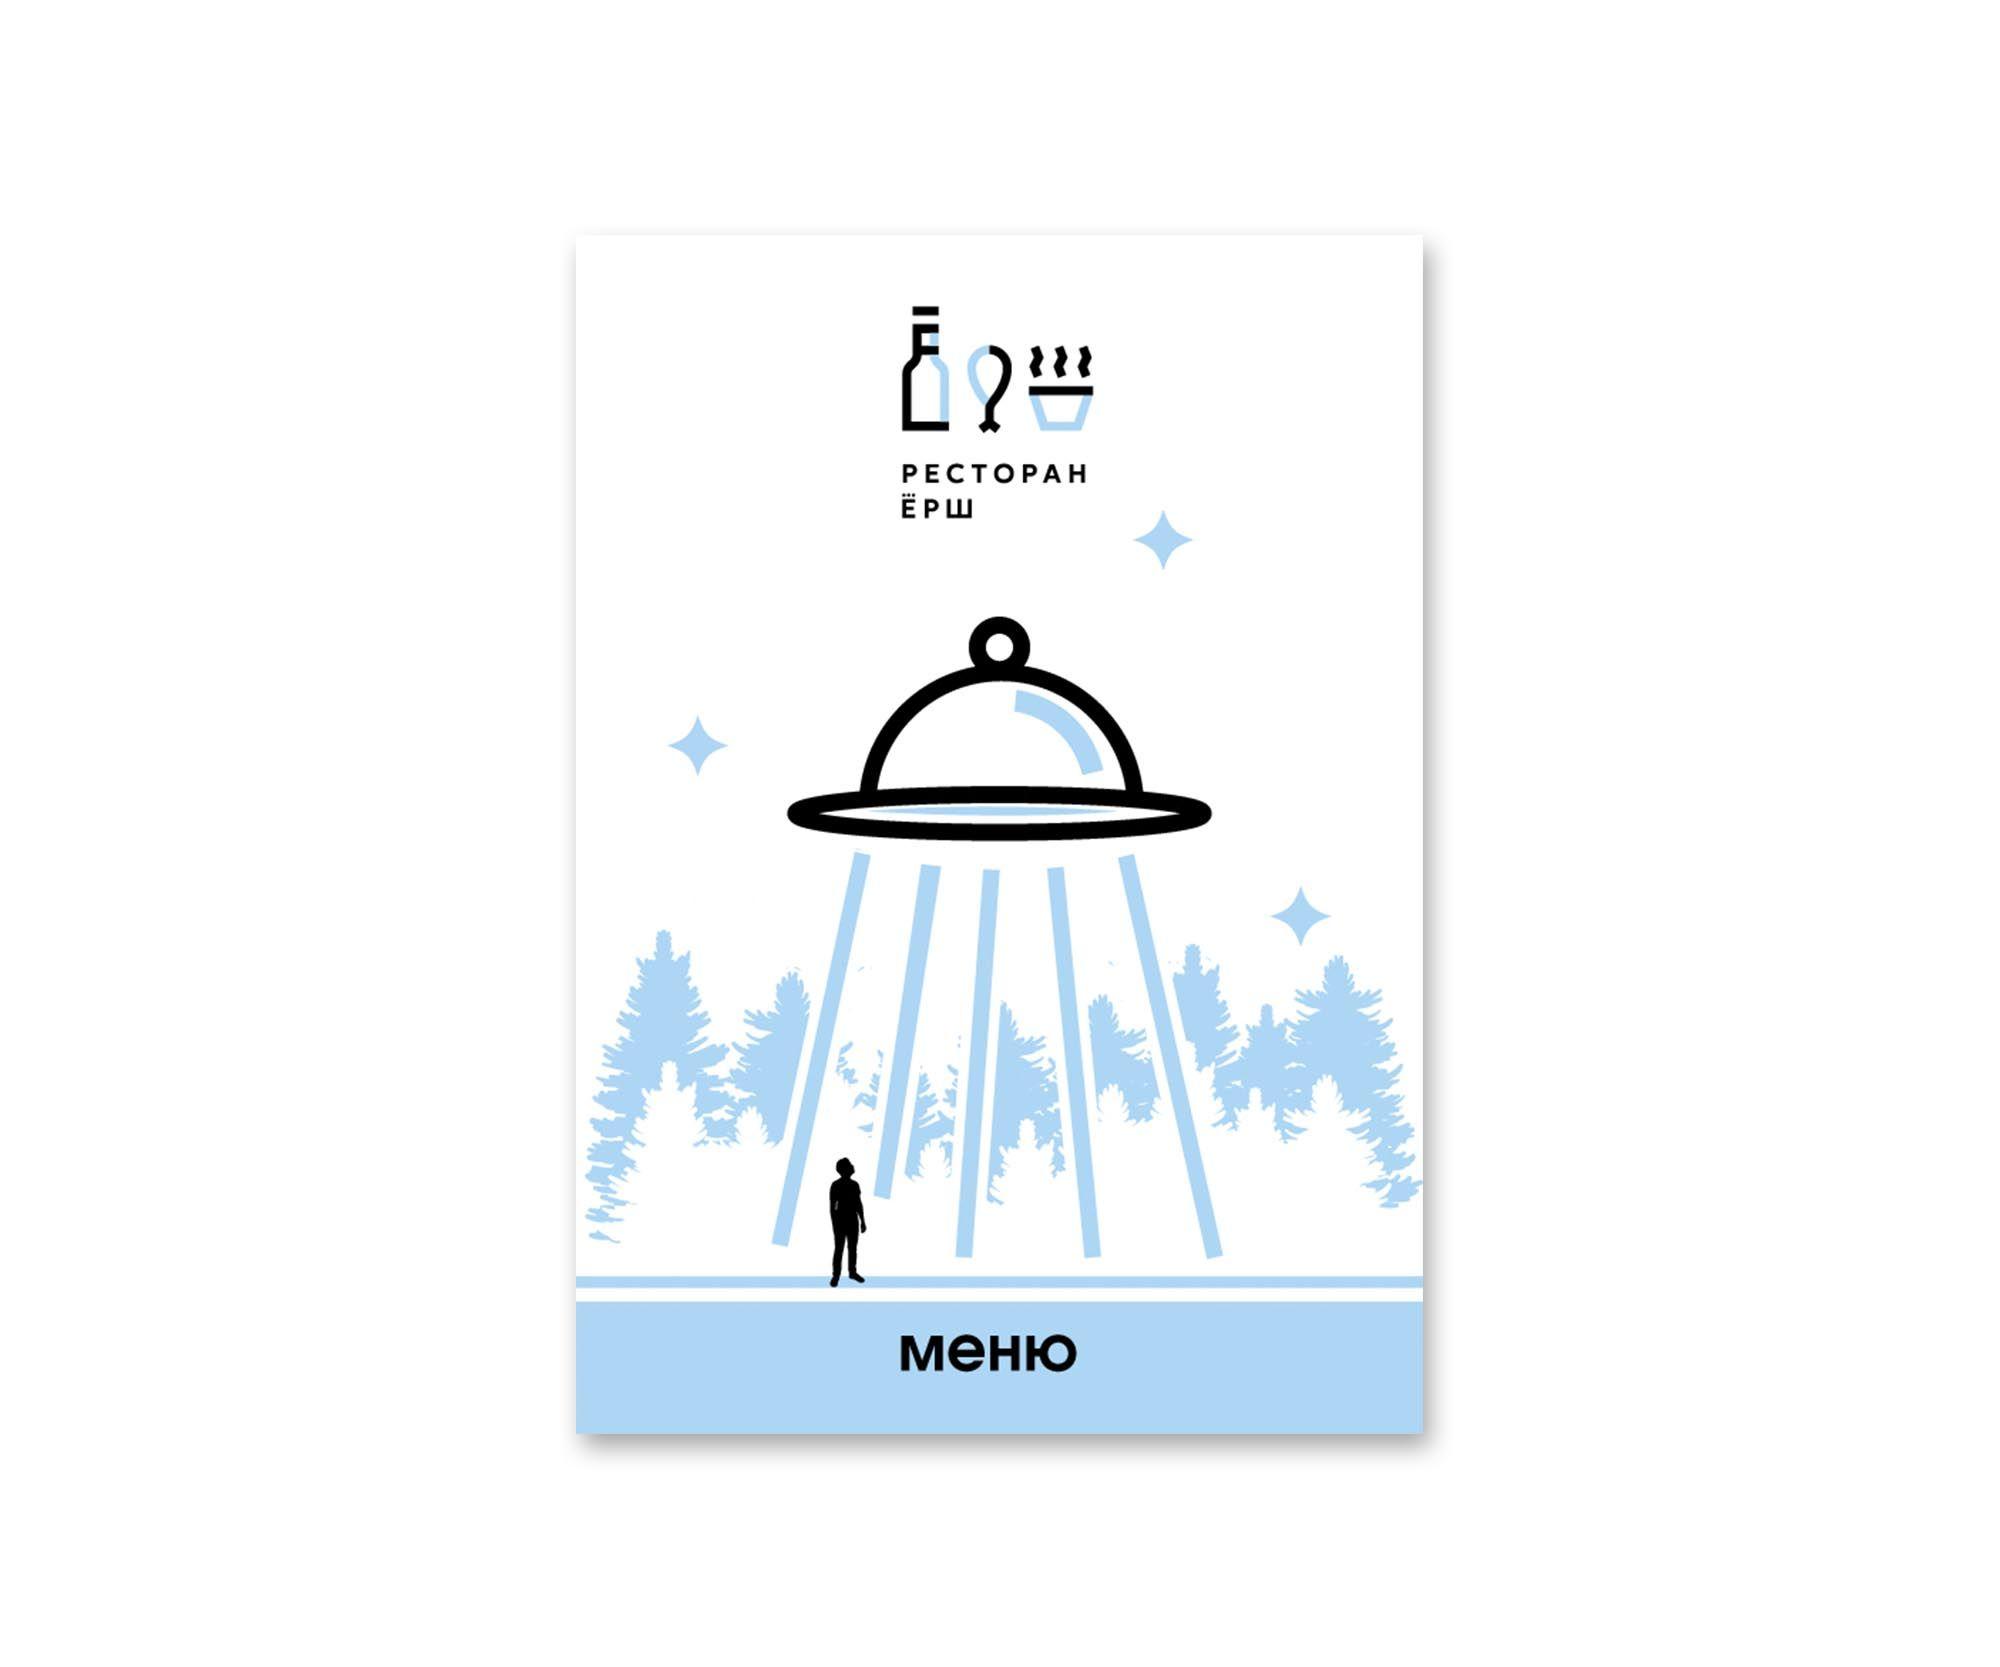 Обложка для сеть ресторанов Ёрш - дизайнер SmolinDenis